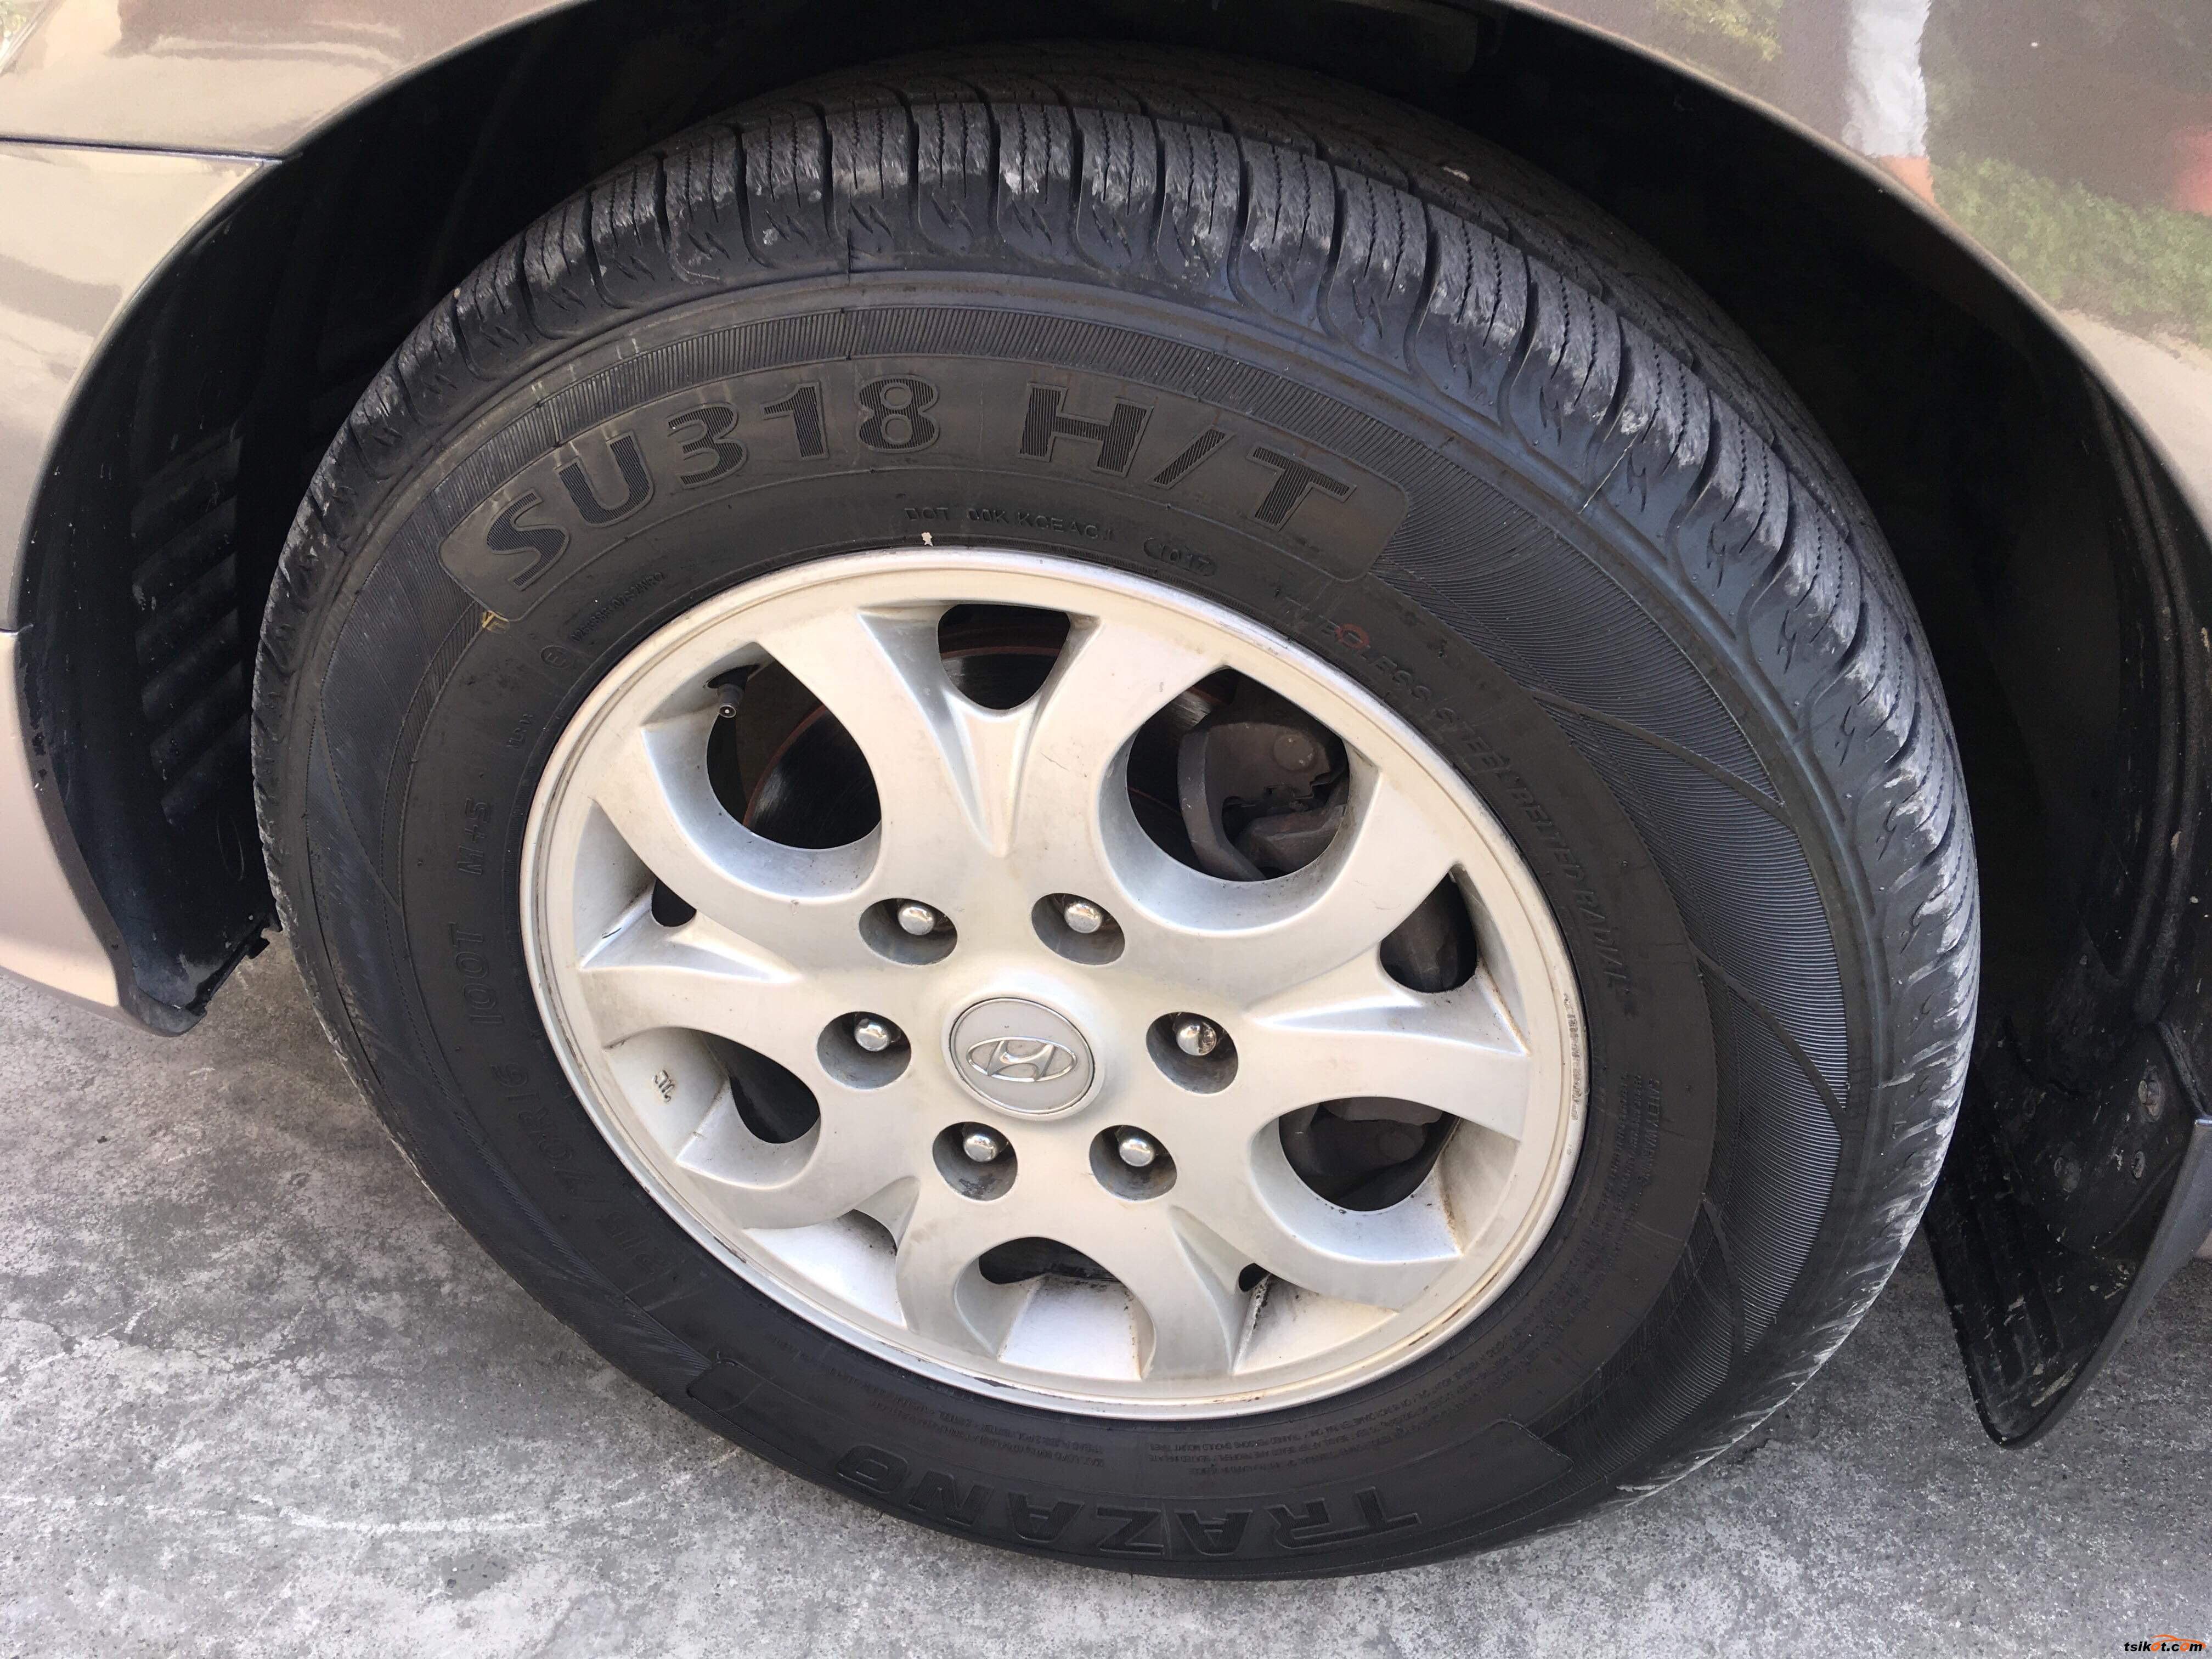 Hyundai G.starex 2012 - 2